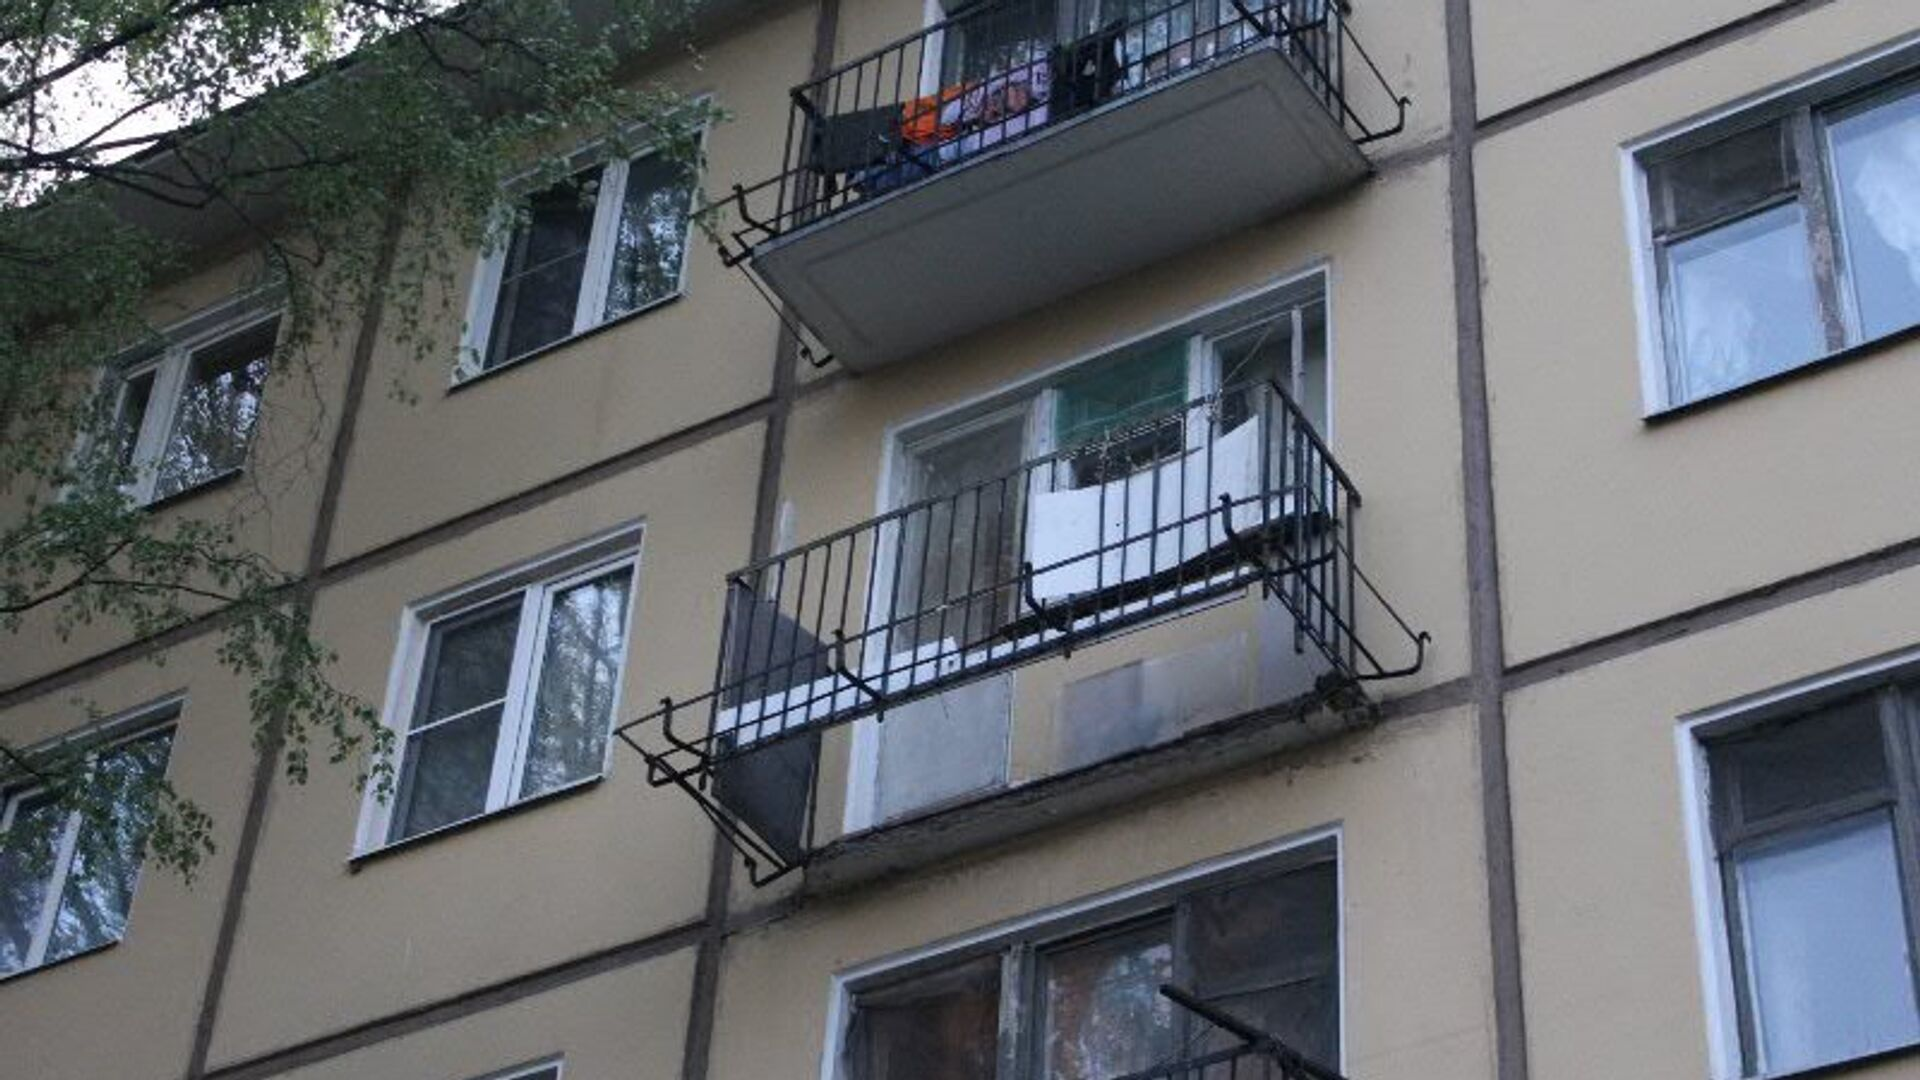 Обрушение части конструкций балкона в Красногвардейском районе Санкт-Петербурга - РИА Новости, 1920, 21.11.2020